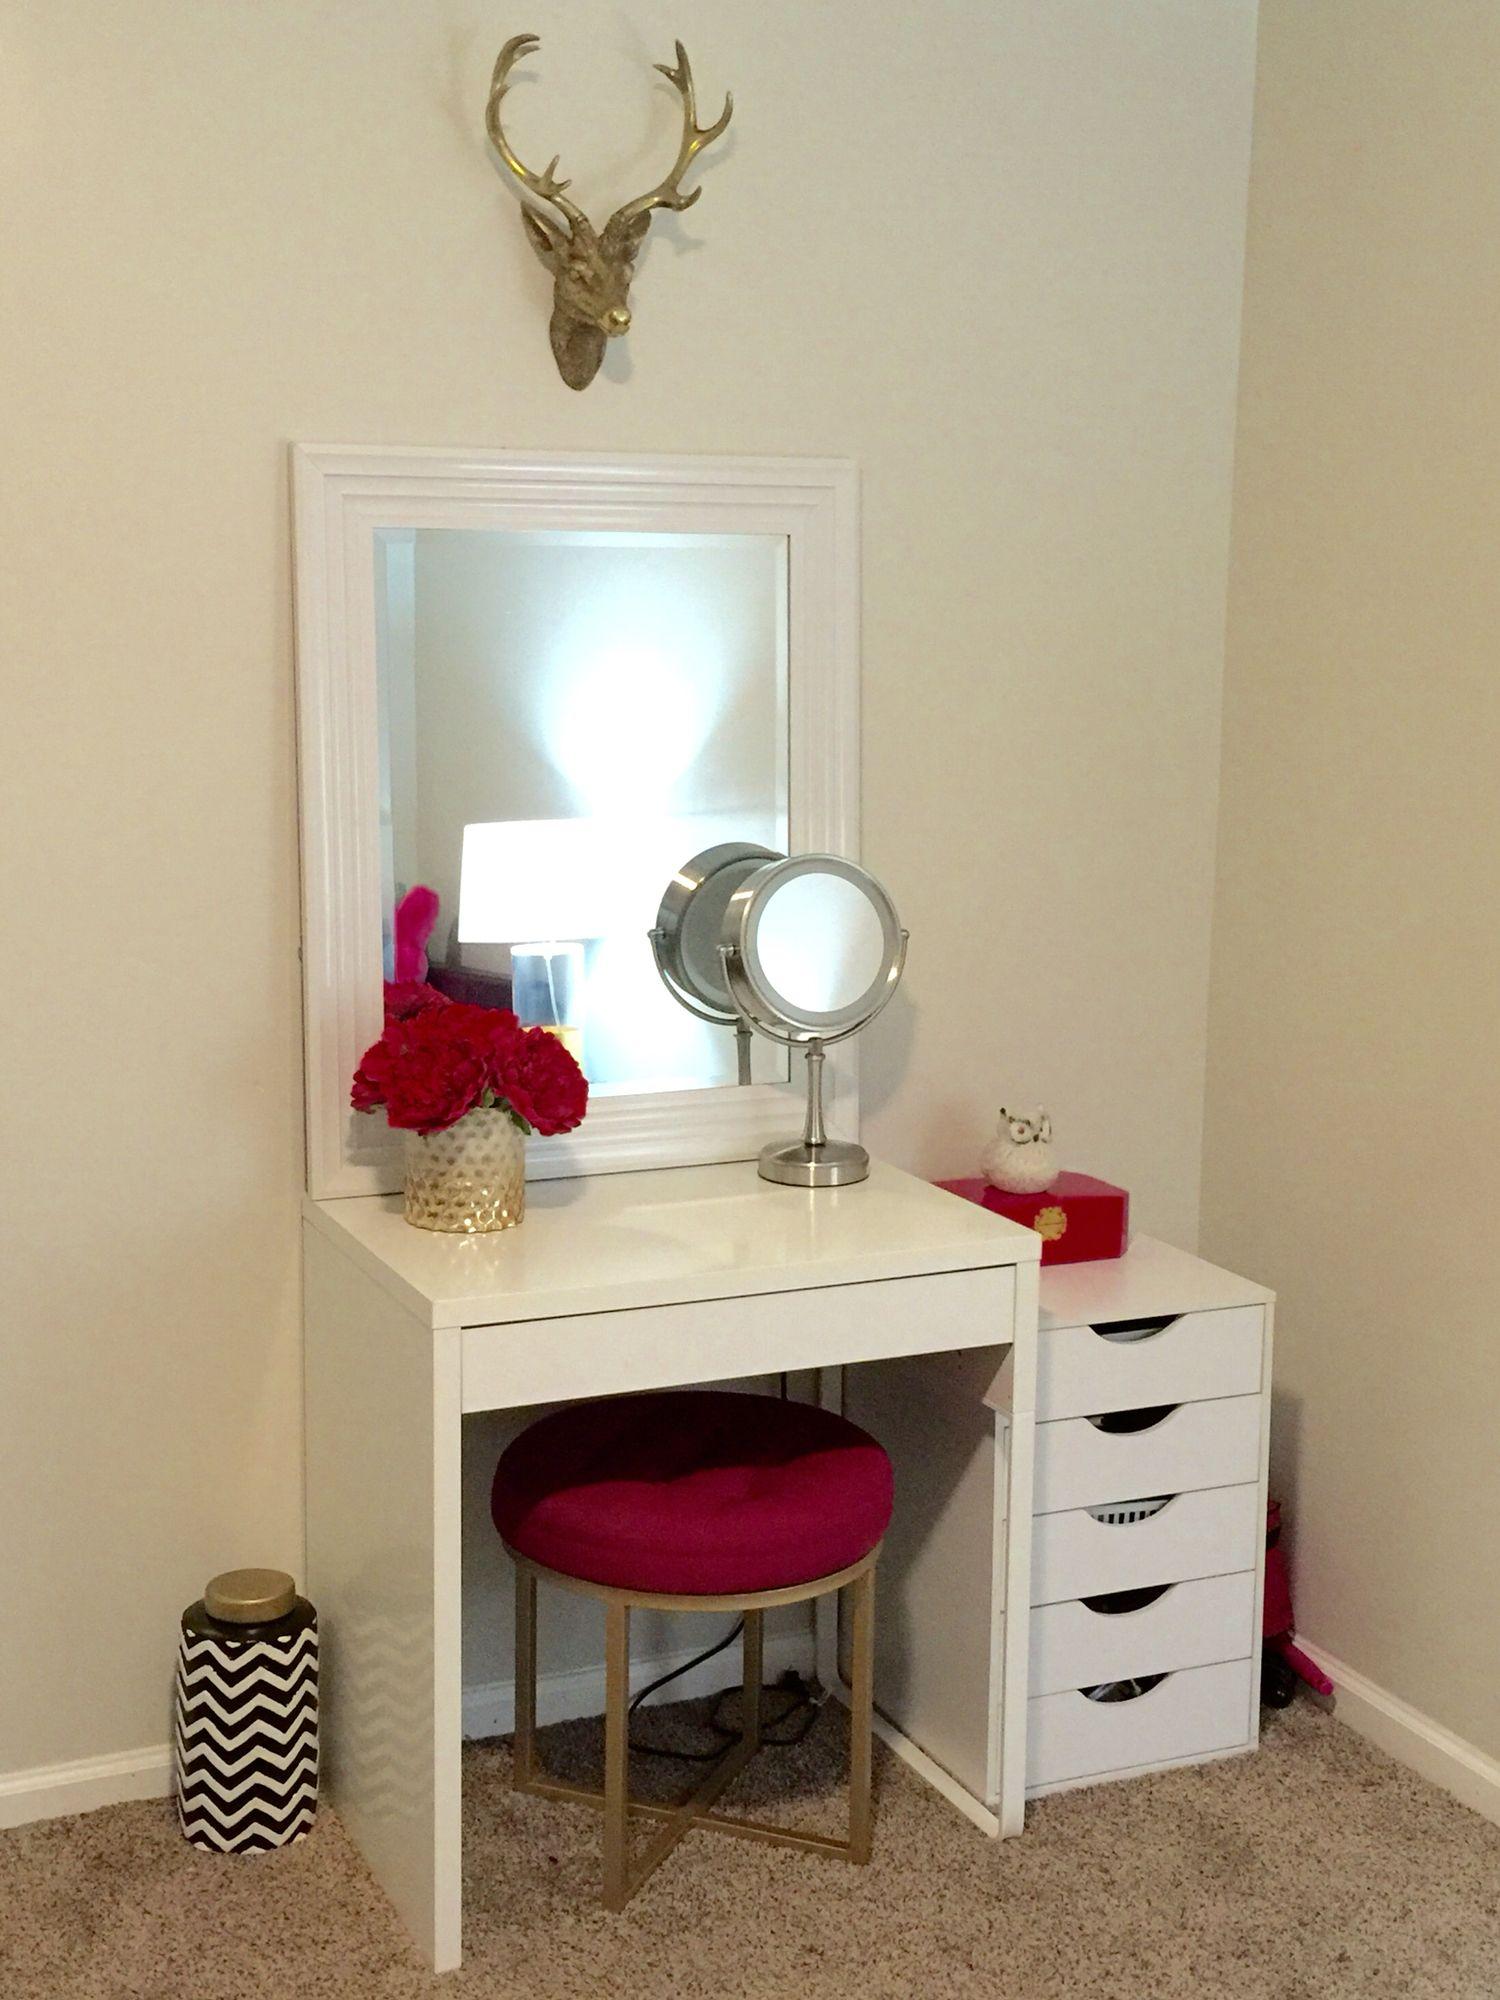 20 Best Makeup Vanities & Cases for Stylish Bedroom ... on Makeup Room Design  id=37968